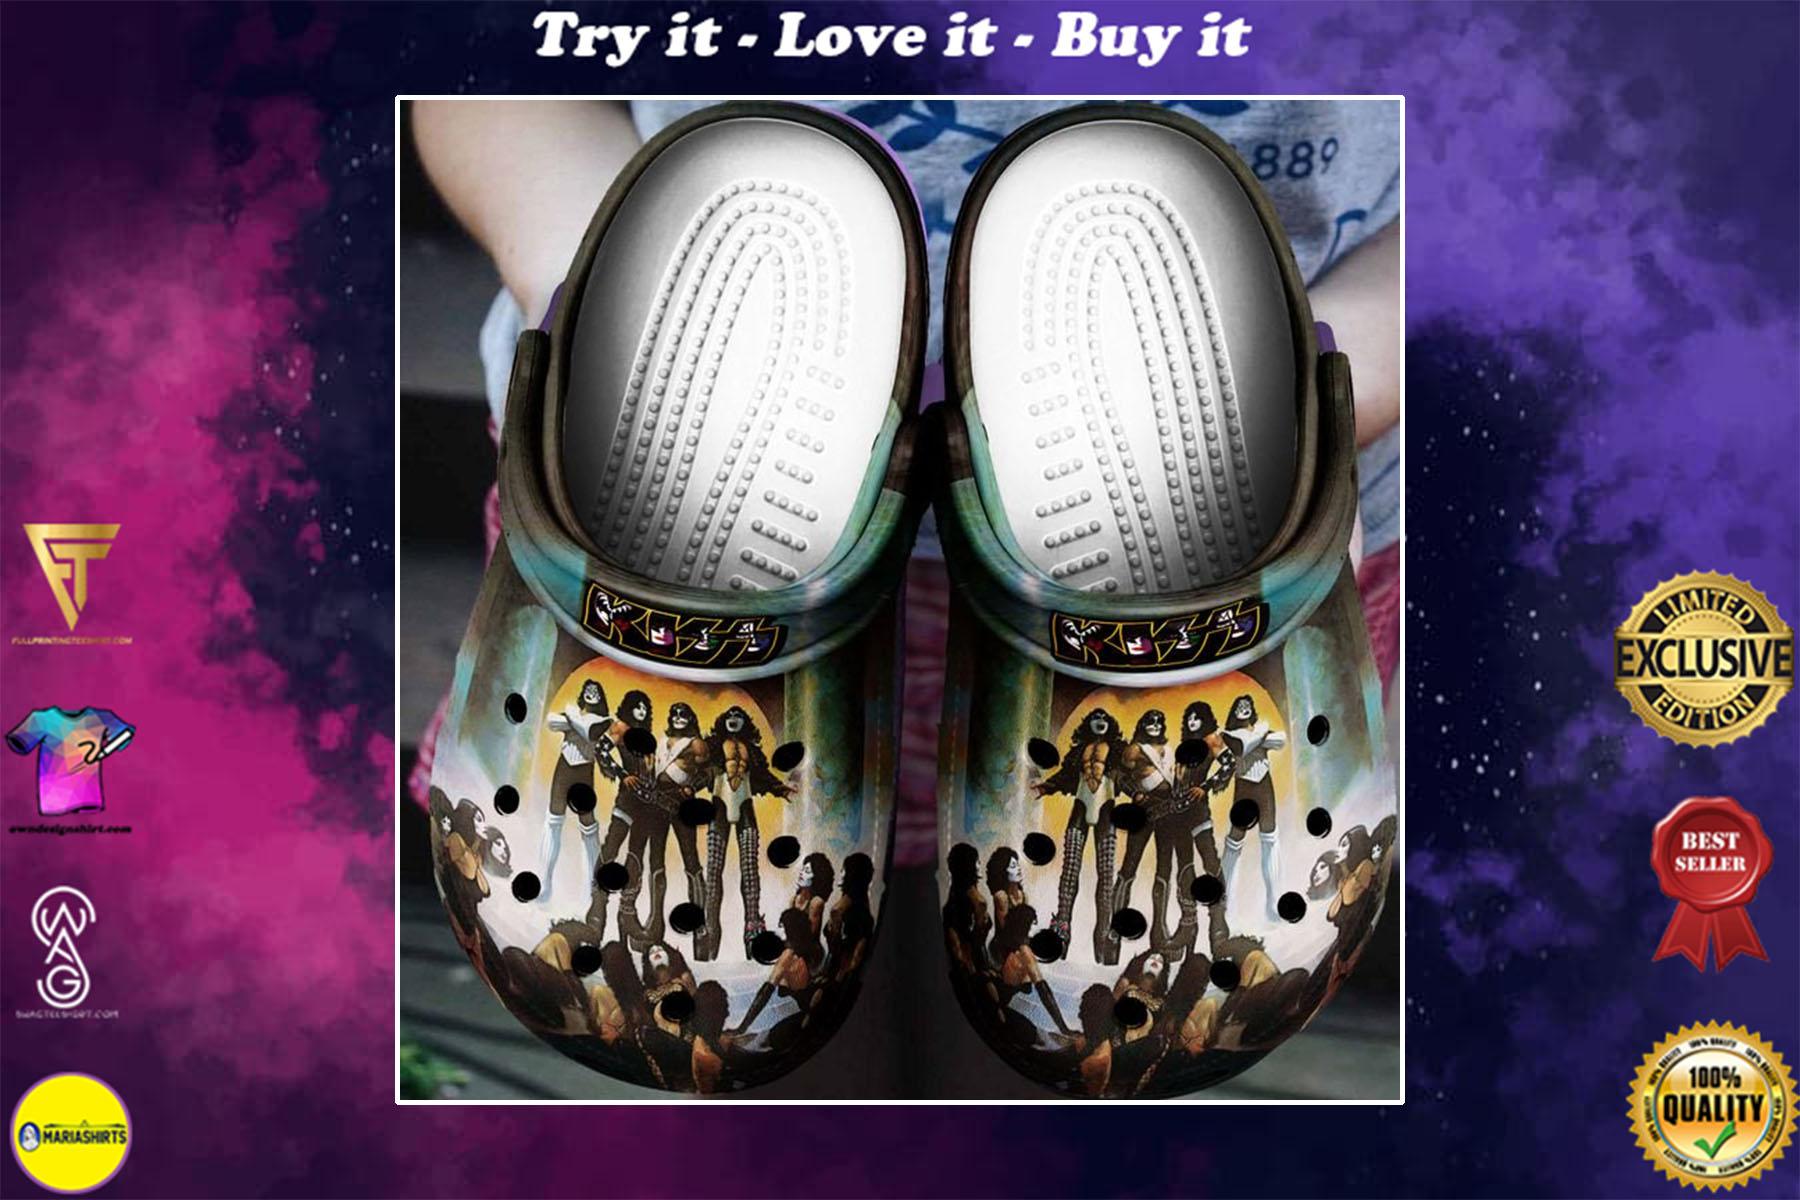 [special edition] kiss rock band crocs shoes - maria